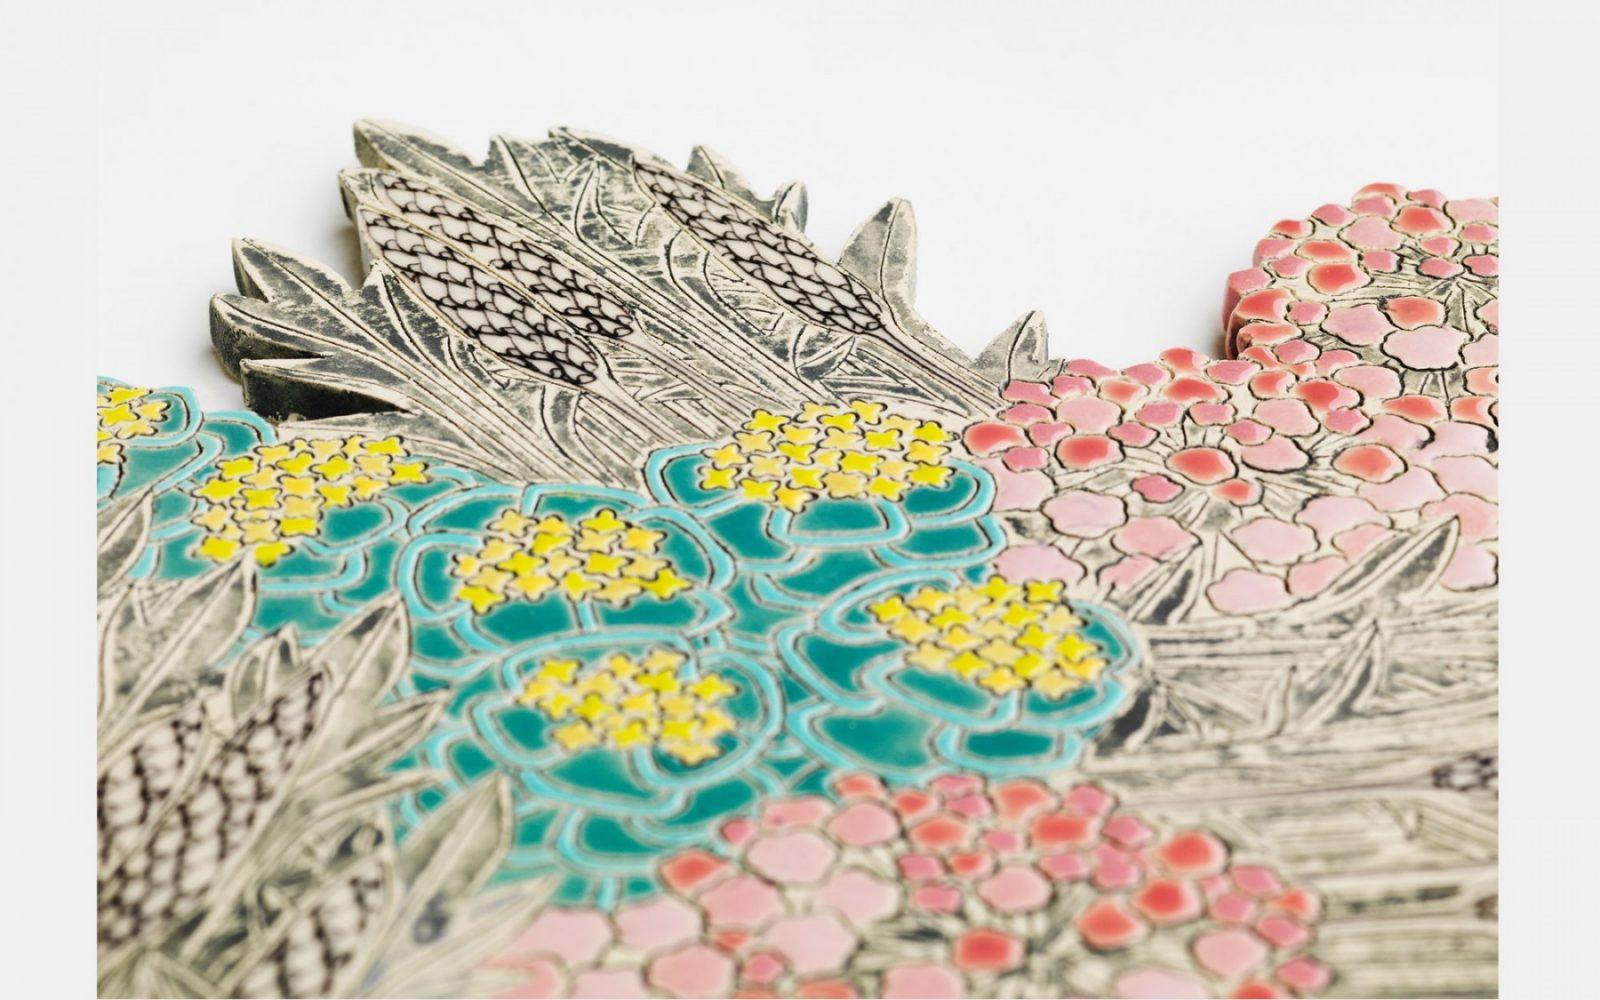 Frances Priest, detail of ceramic tile (Coast); photo Shannon Tofts